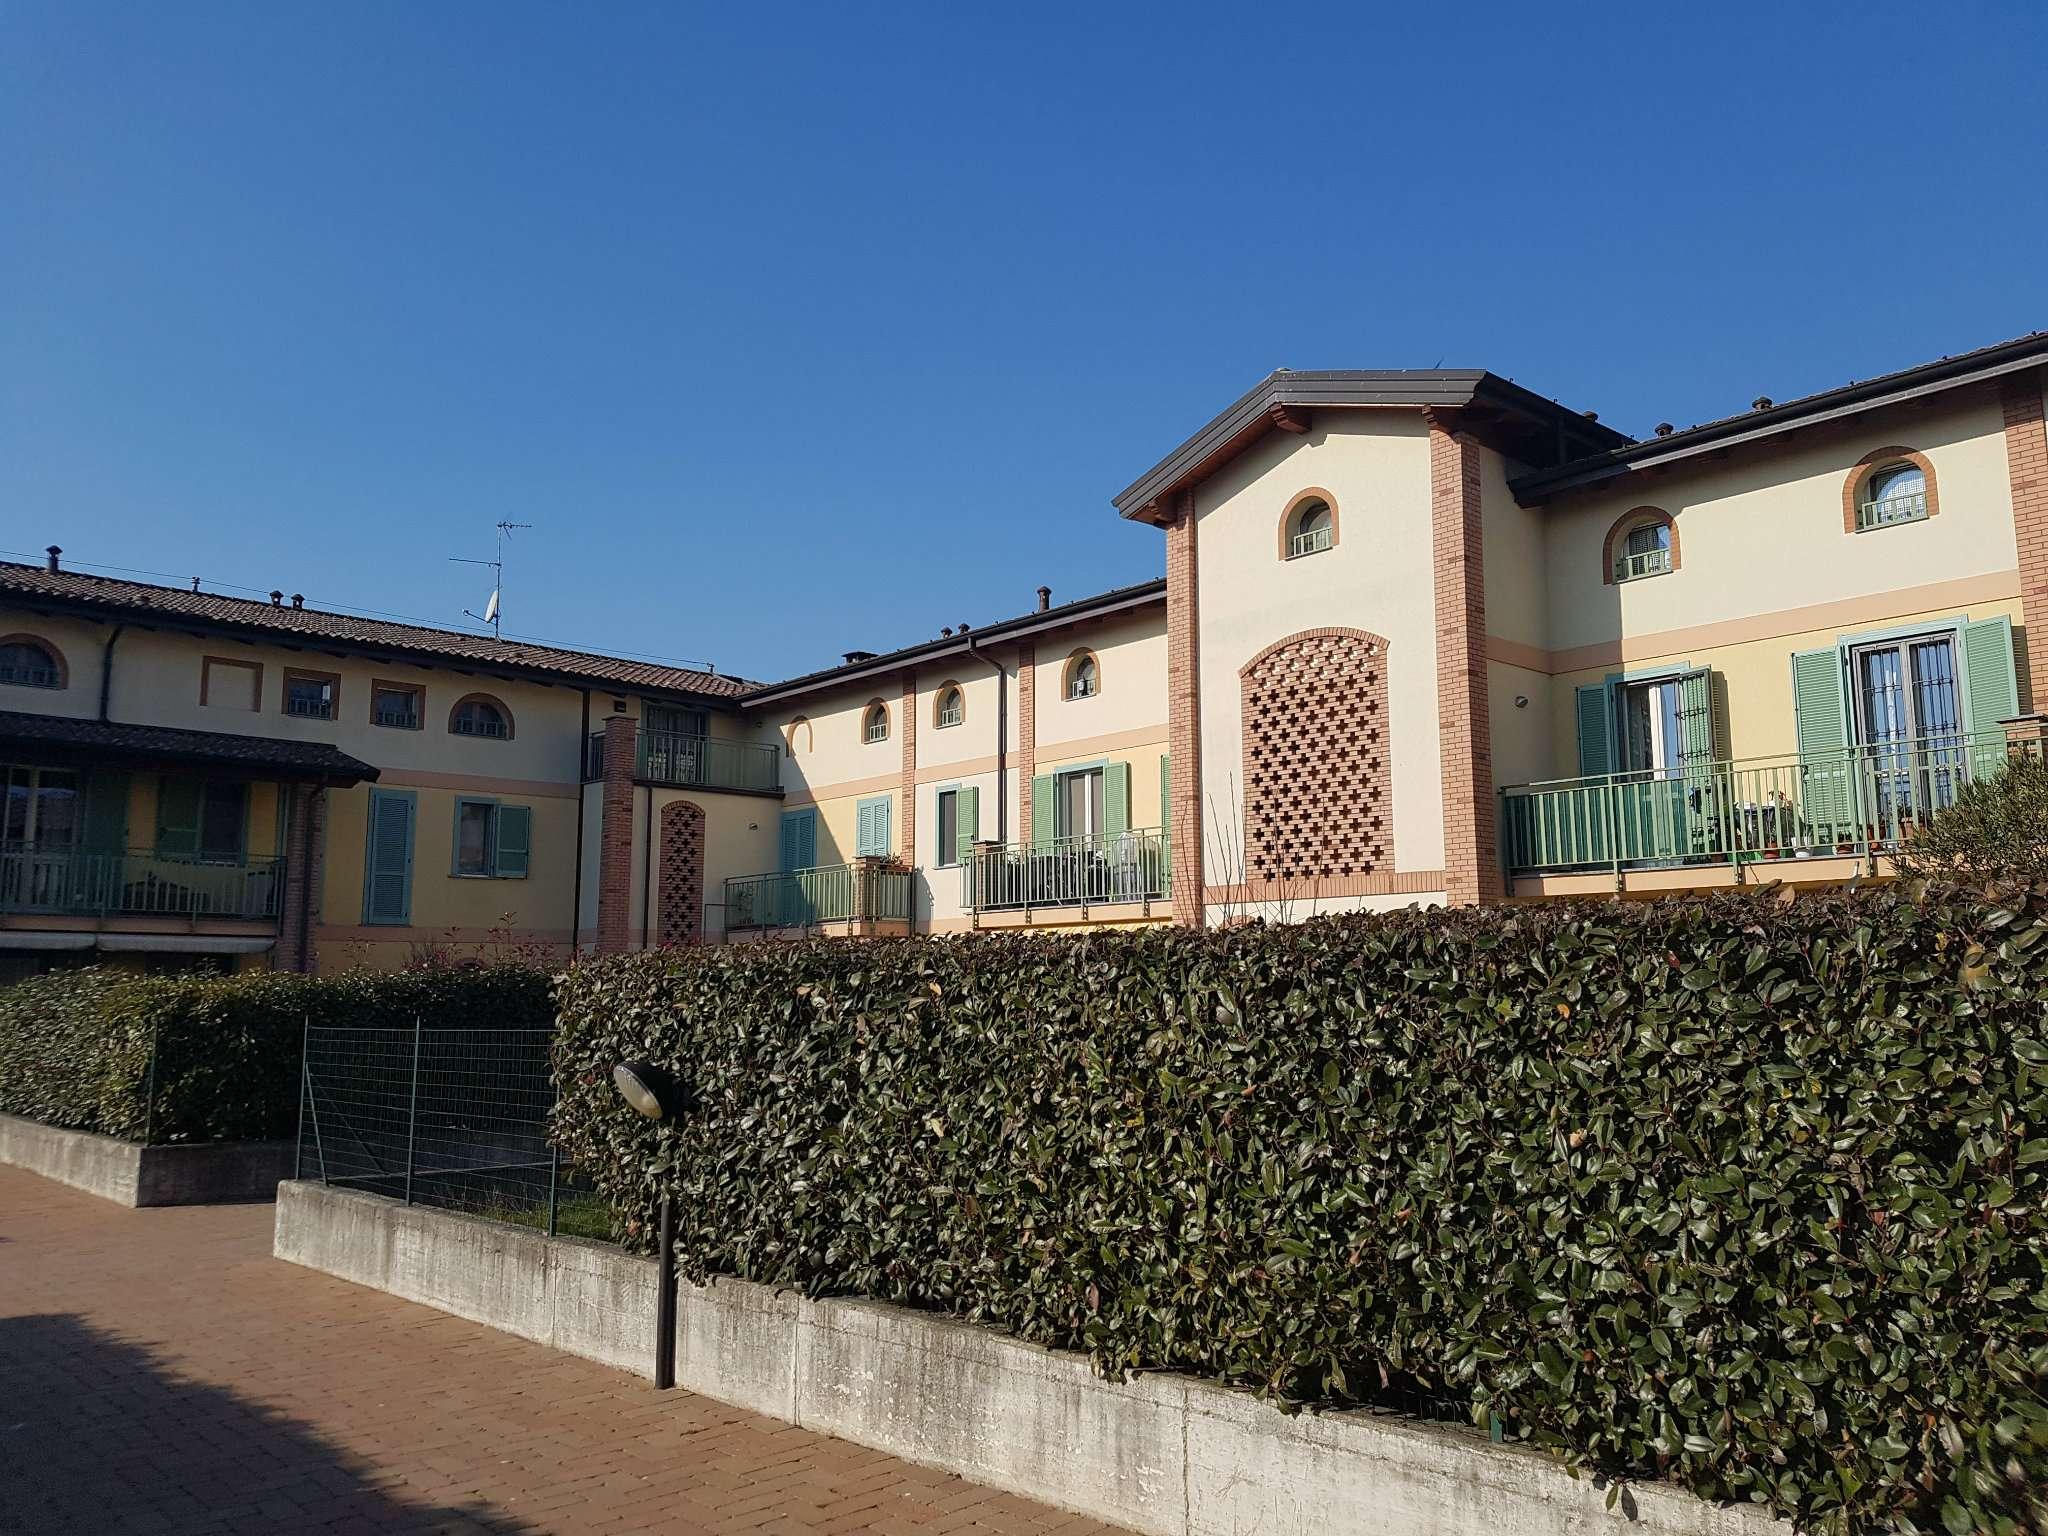 Appartamento in affitto a Tavazzano con Villavesco, 3 locali, prezzo € 750 | Cambio Casa.it